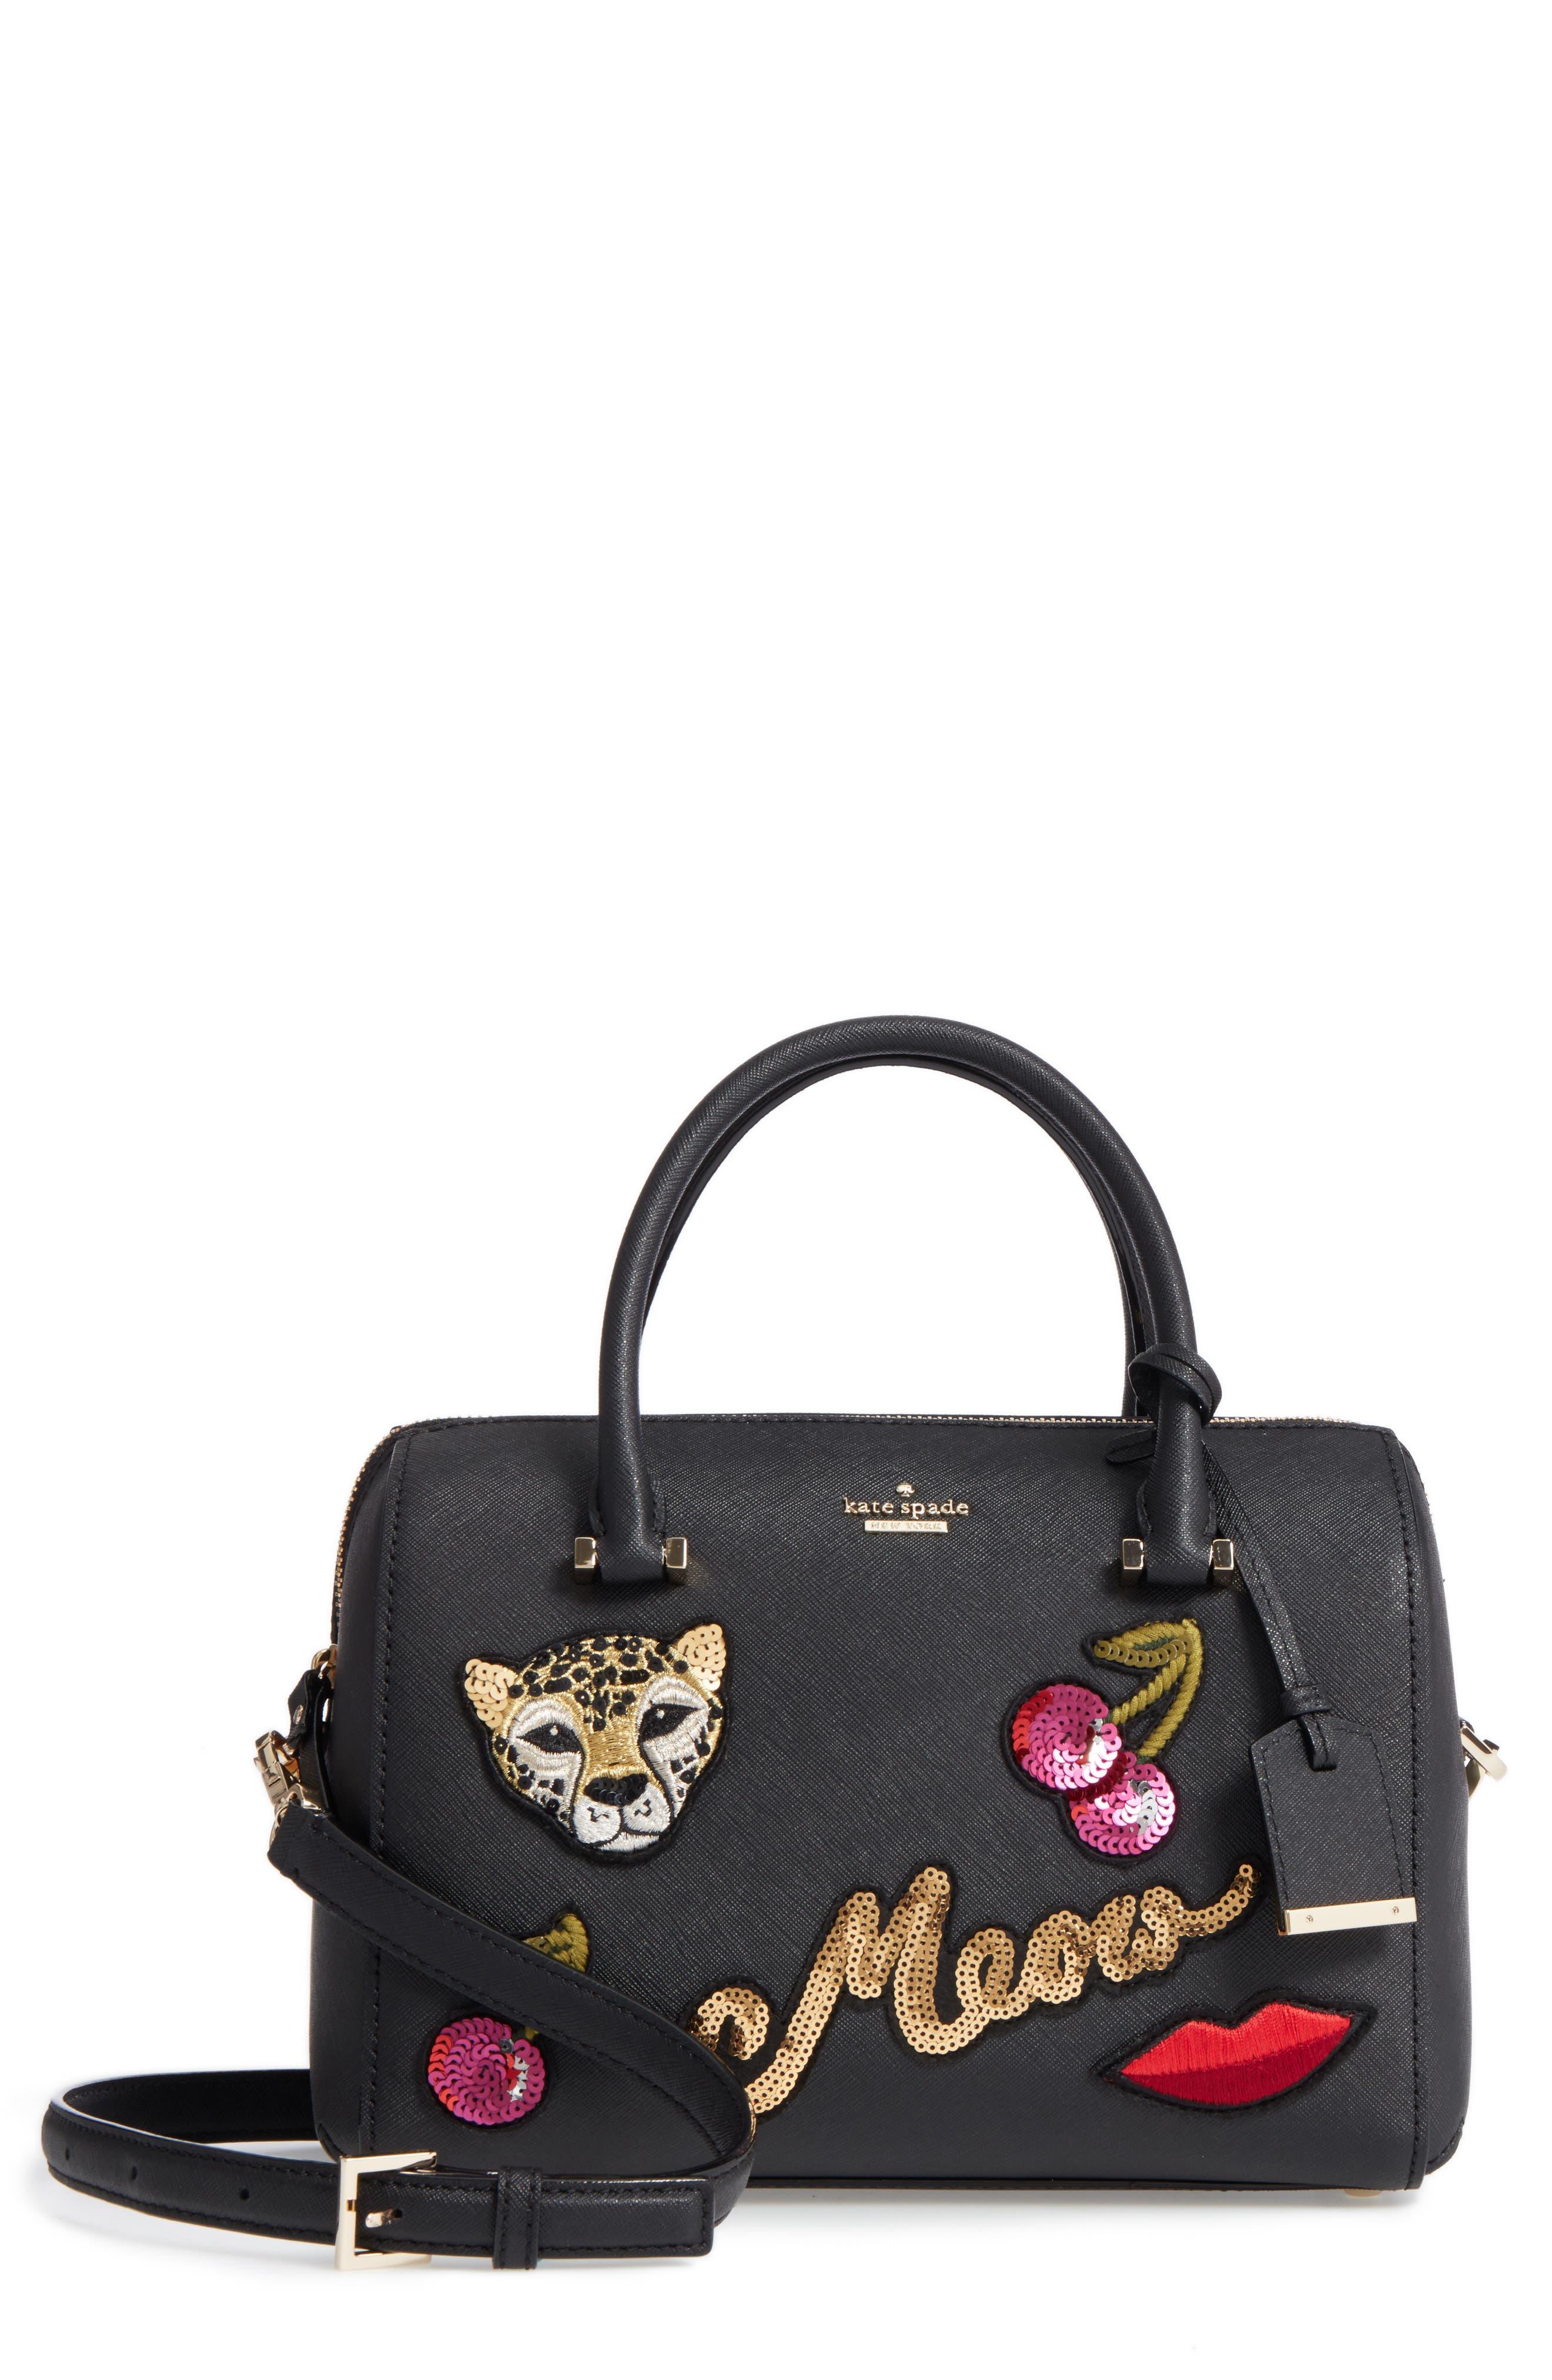 large lane - ma cherie leather satchel,                             Main thumbnail 1, color,                             001